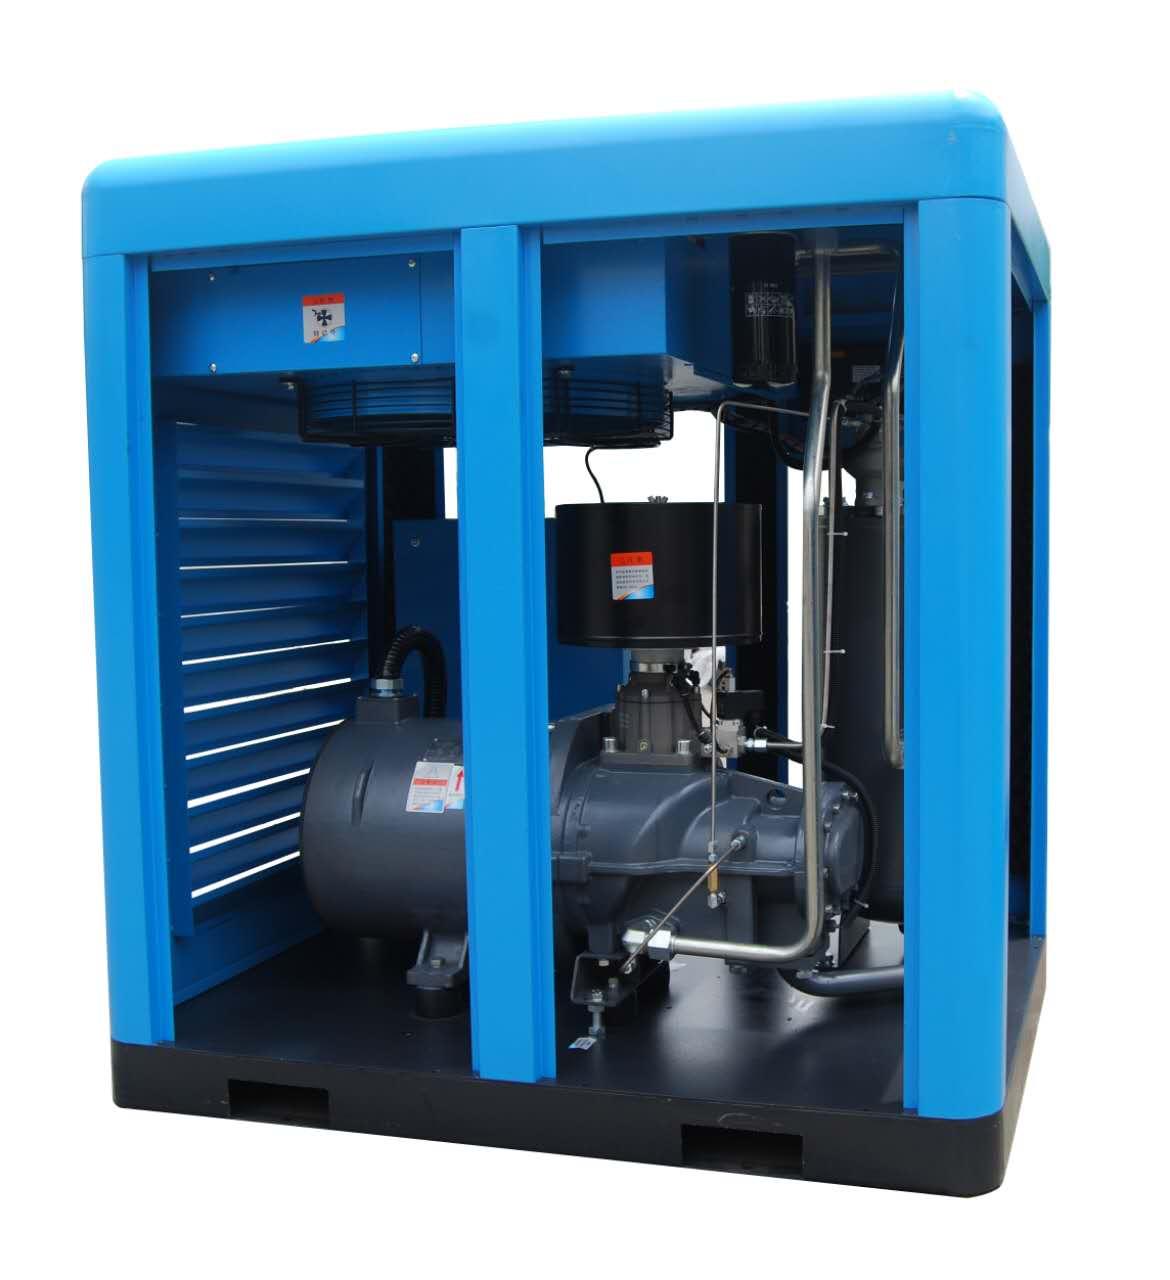 永磁变频螺杆式空压机图片